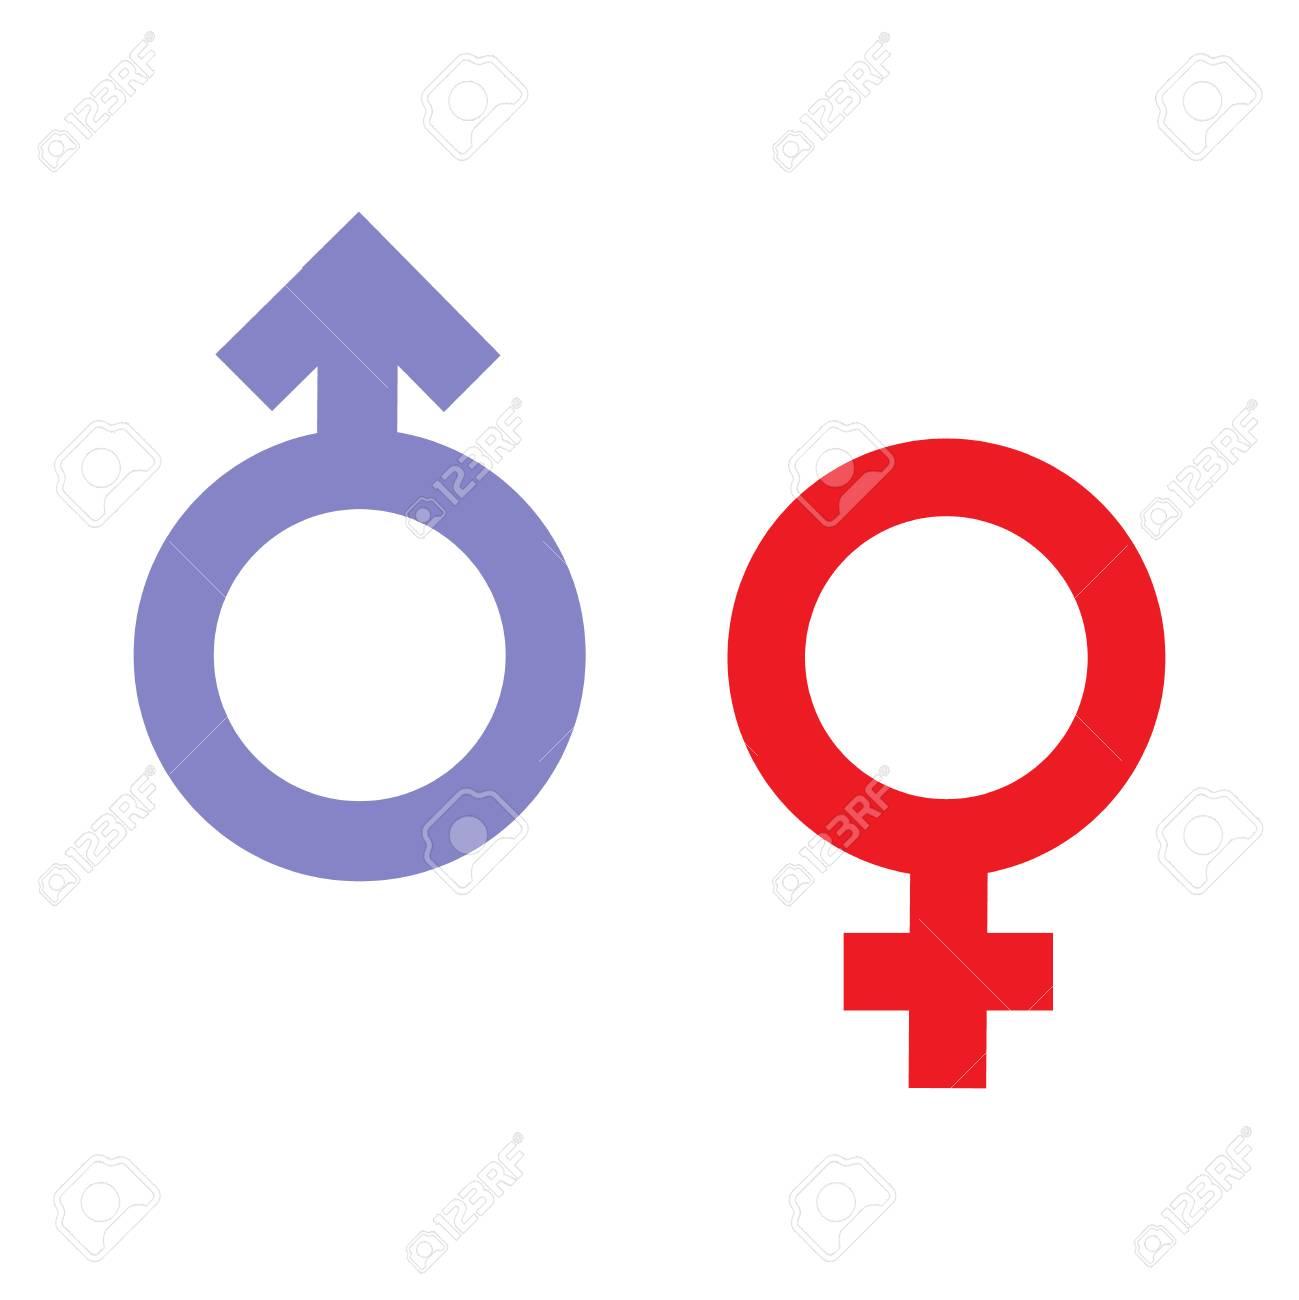 Igualdad De Género Y Símbolo De Icono De Igualdad Hombre Mujer Niña